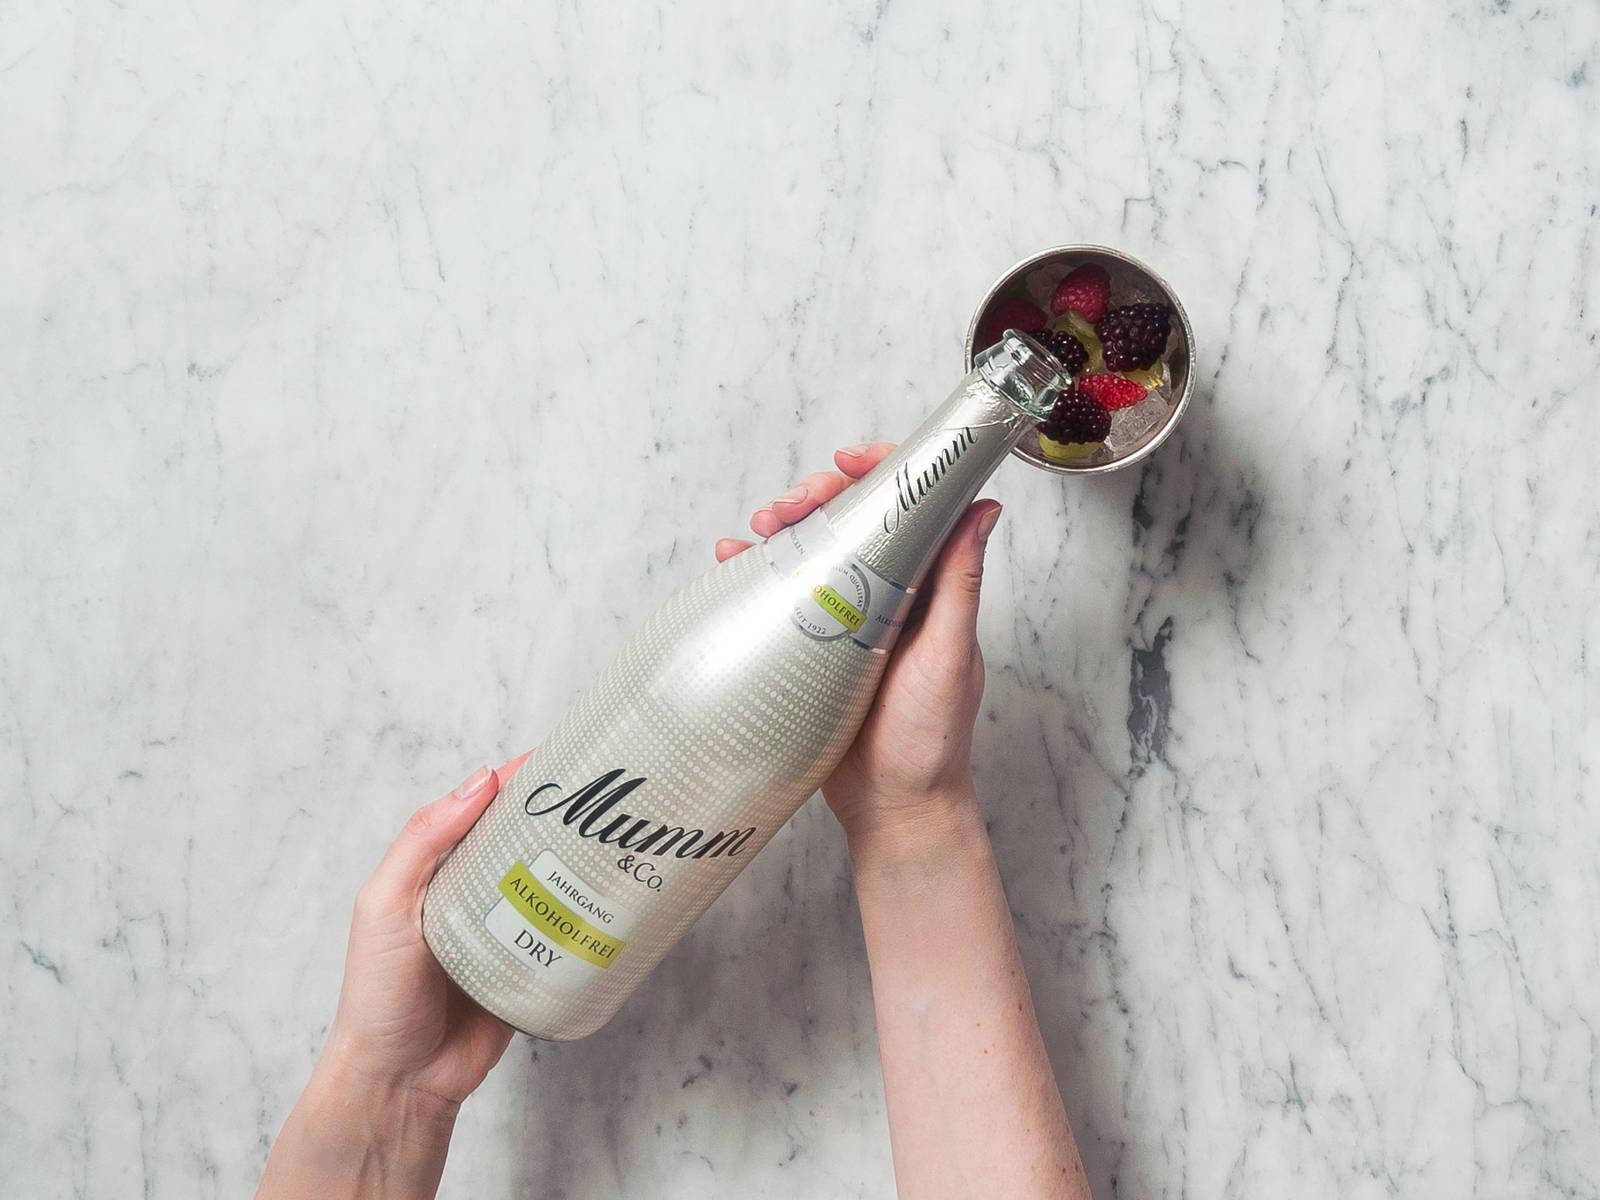 往杯中倒入无酒精汽酒。